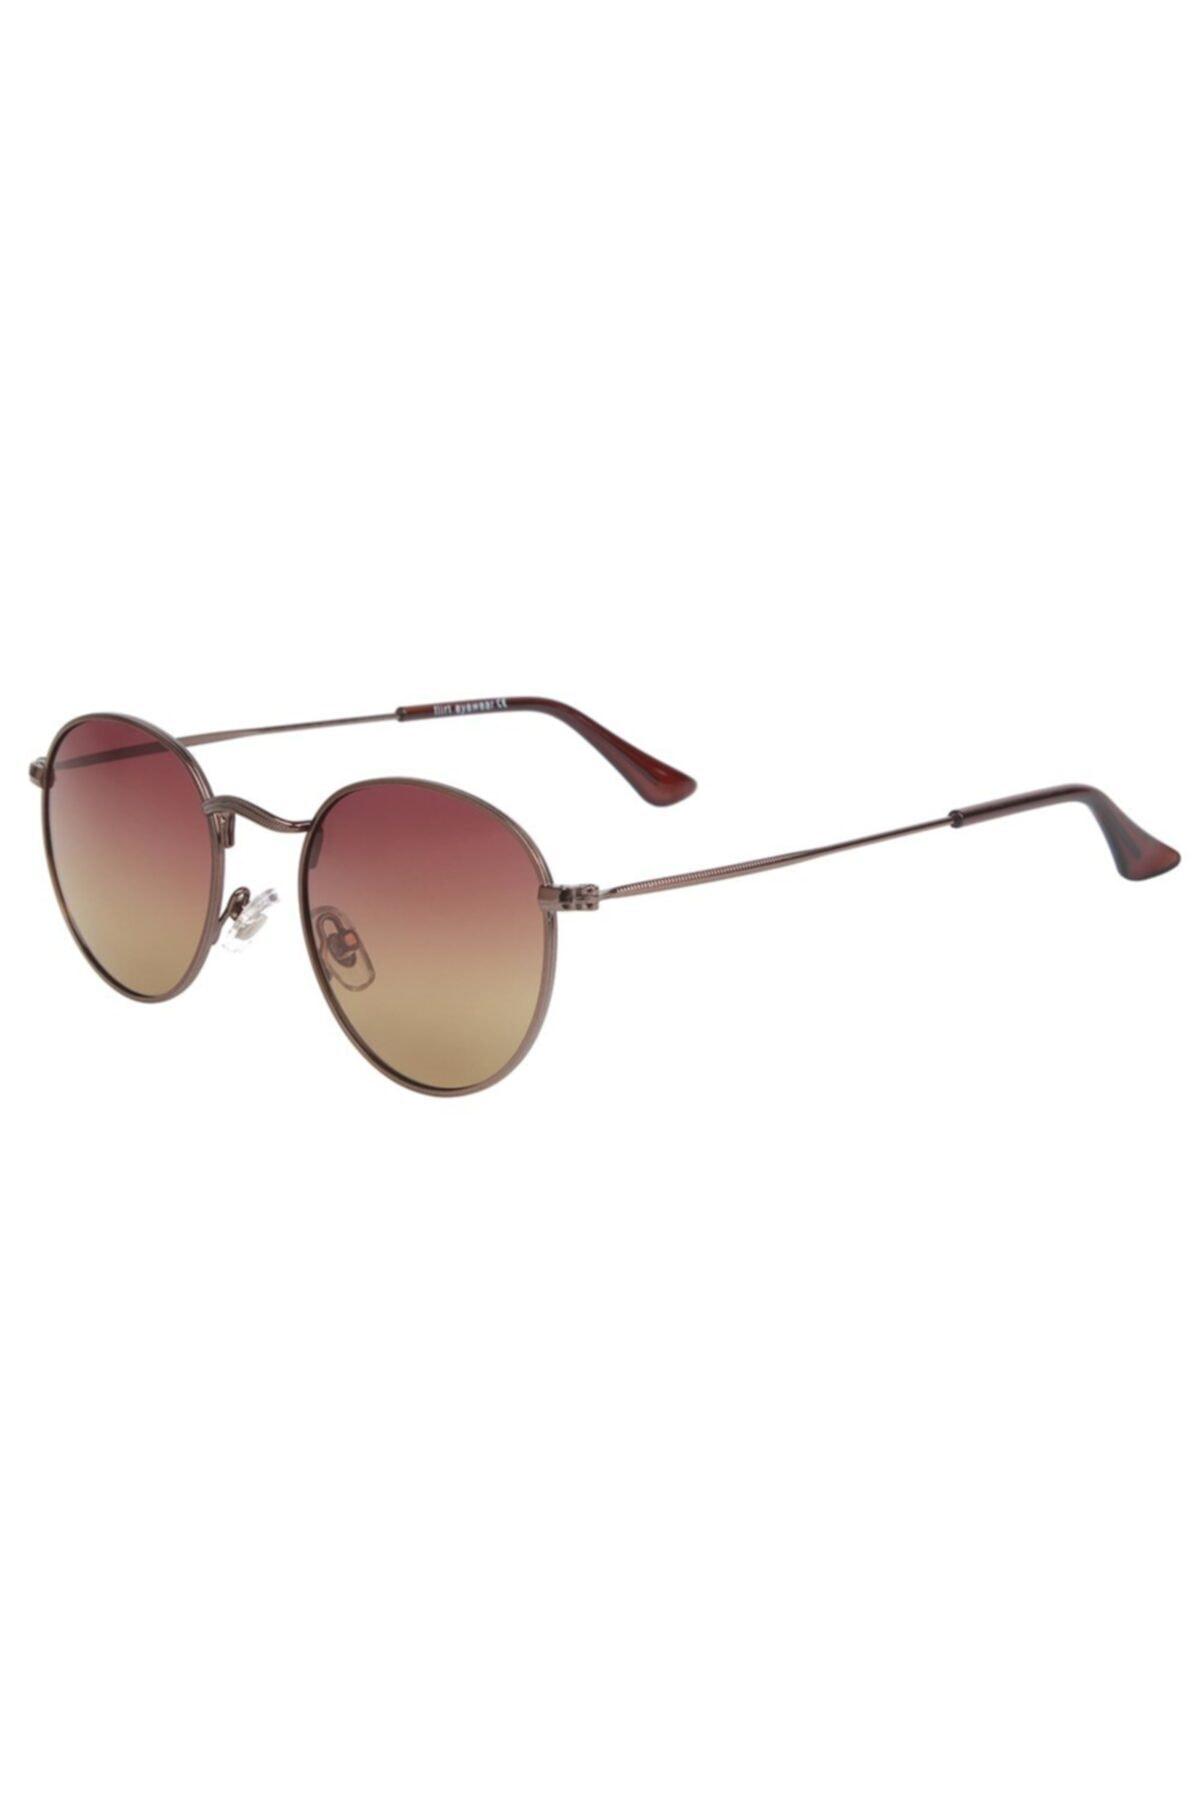 عینک آفتابی مردانه مجلسی برند Flirt رنگ قهوه ای کد ty68136598